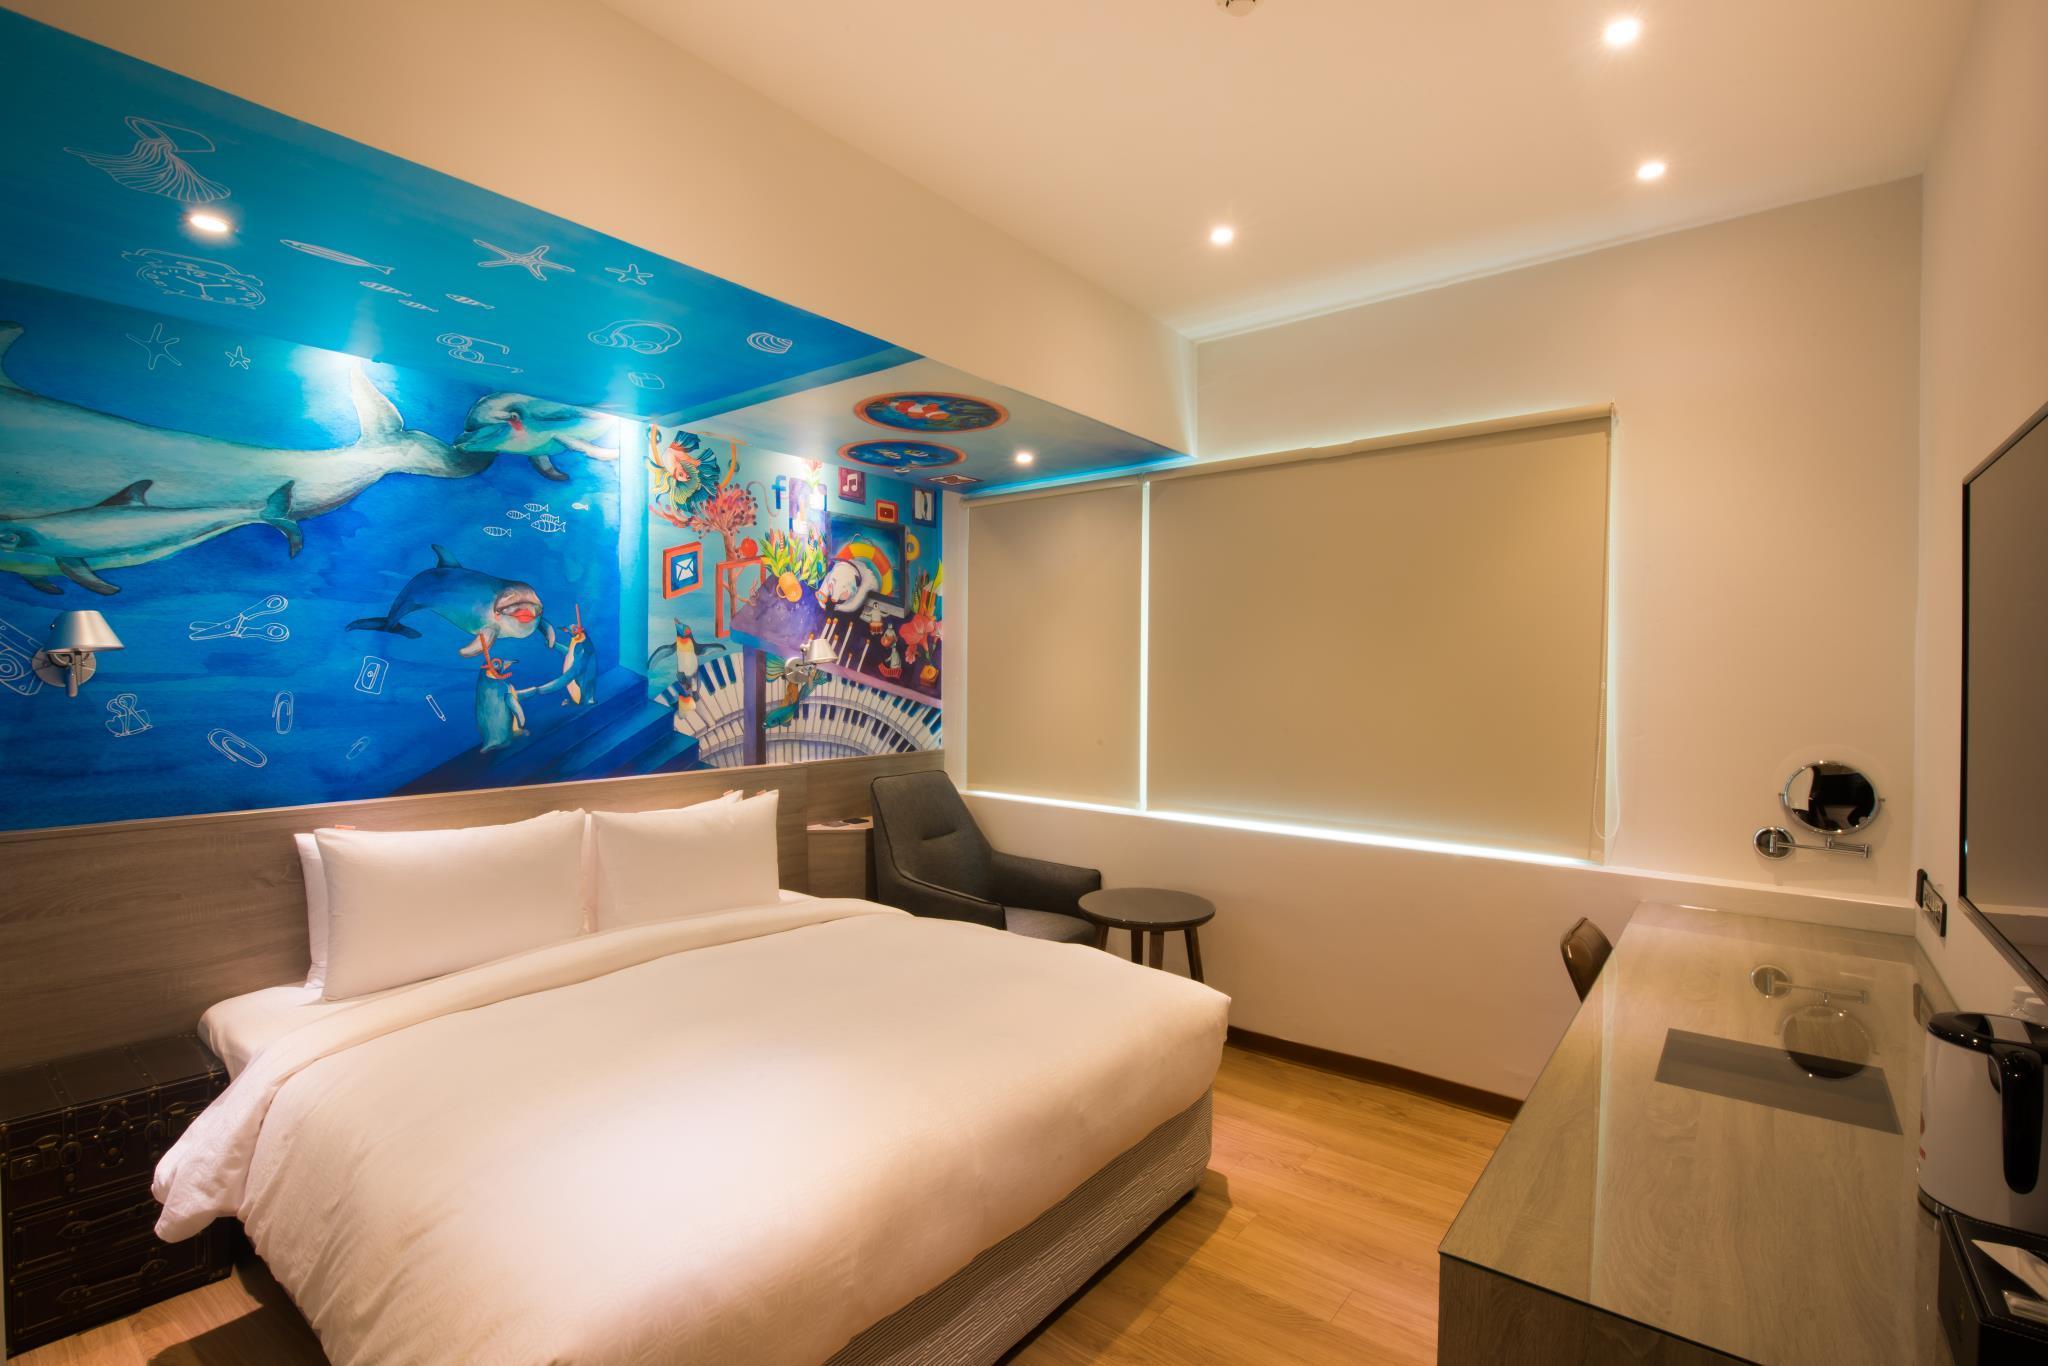 高雄市秝芯旅店駁二館 (Legend Hotel Pier 2) - Agoda 提供行程前一刻網上即時優惠價格訂房服務